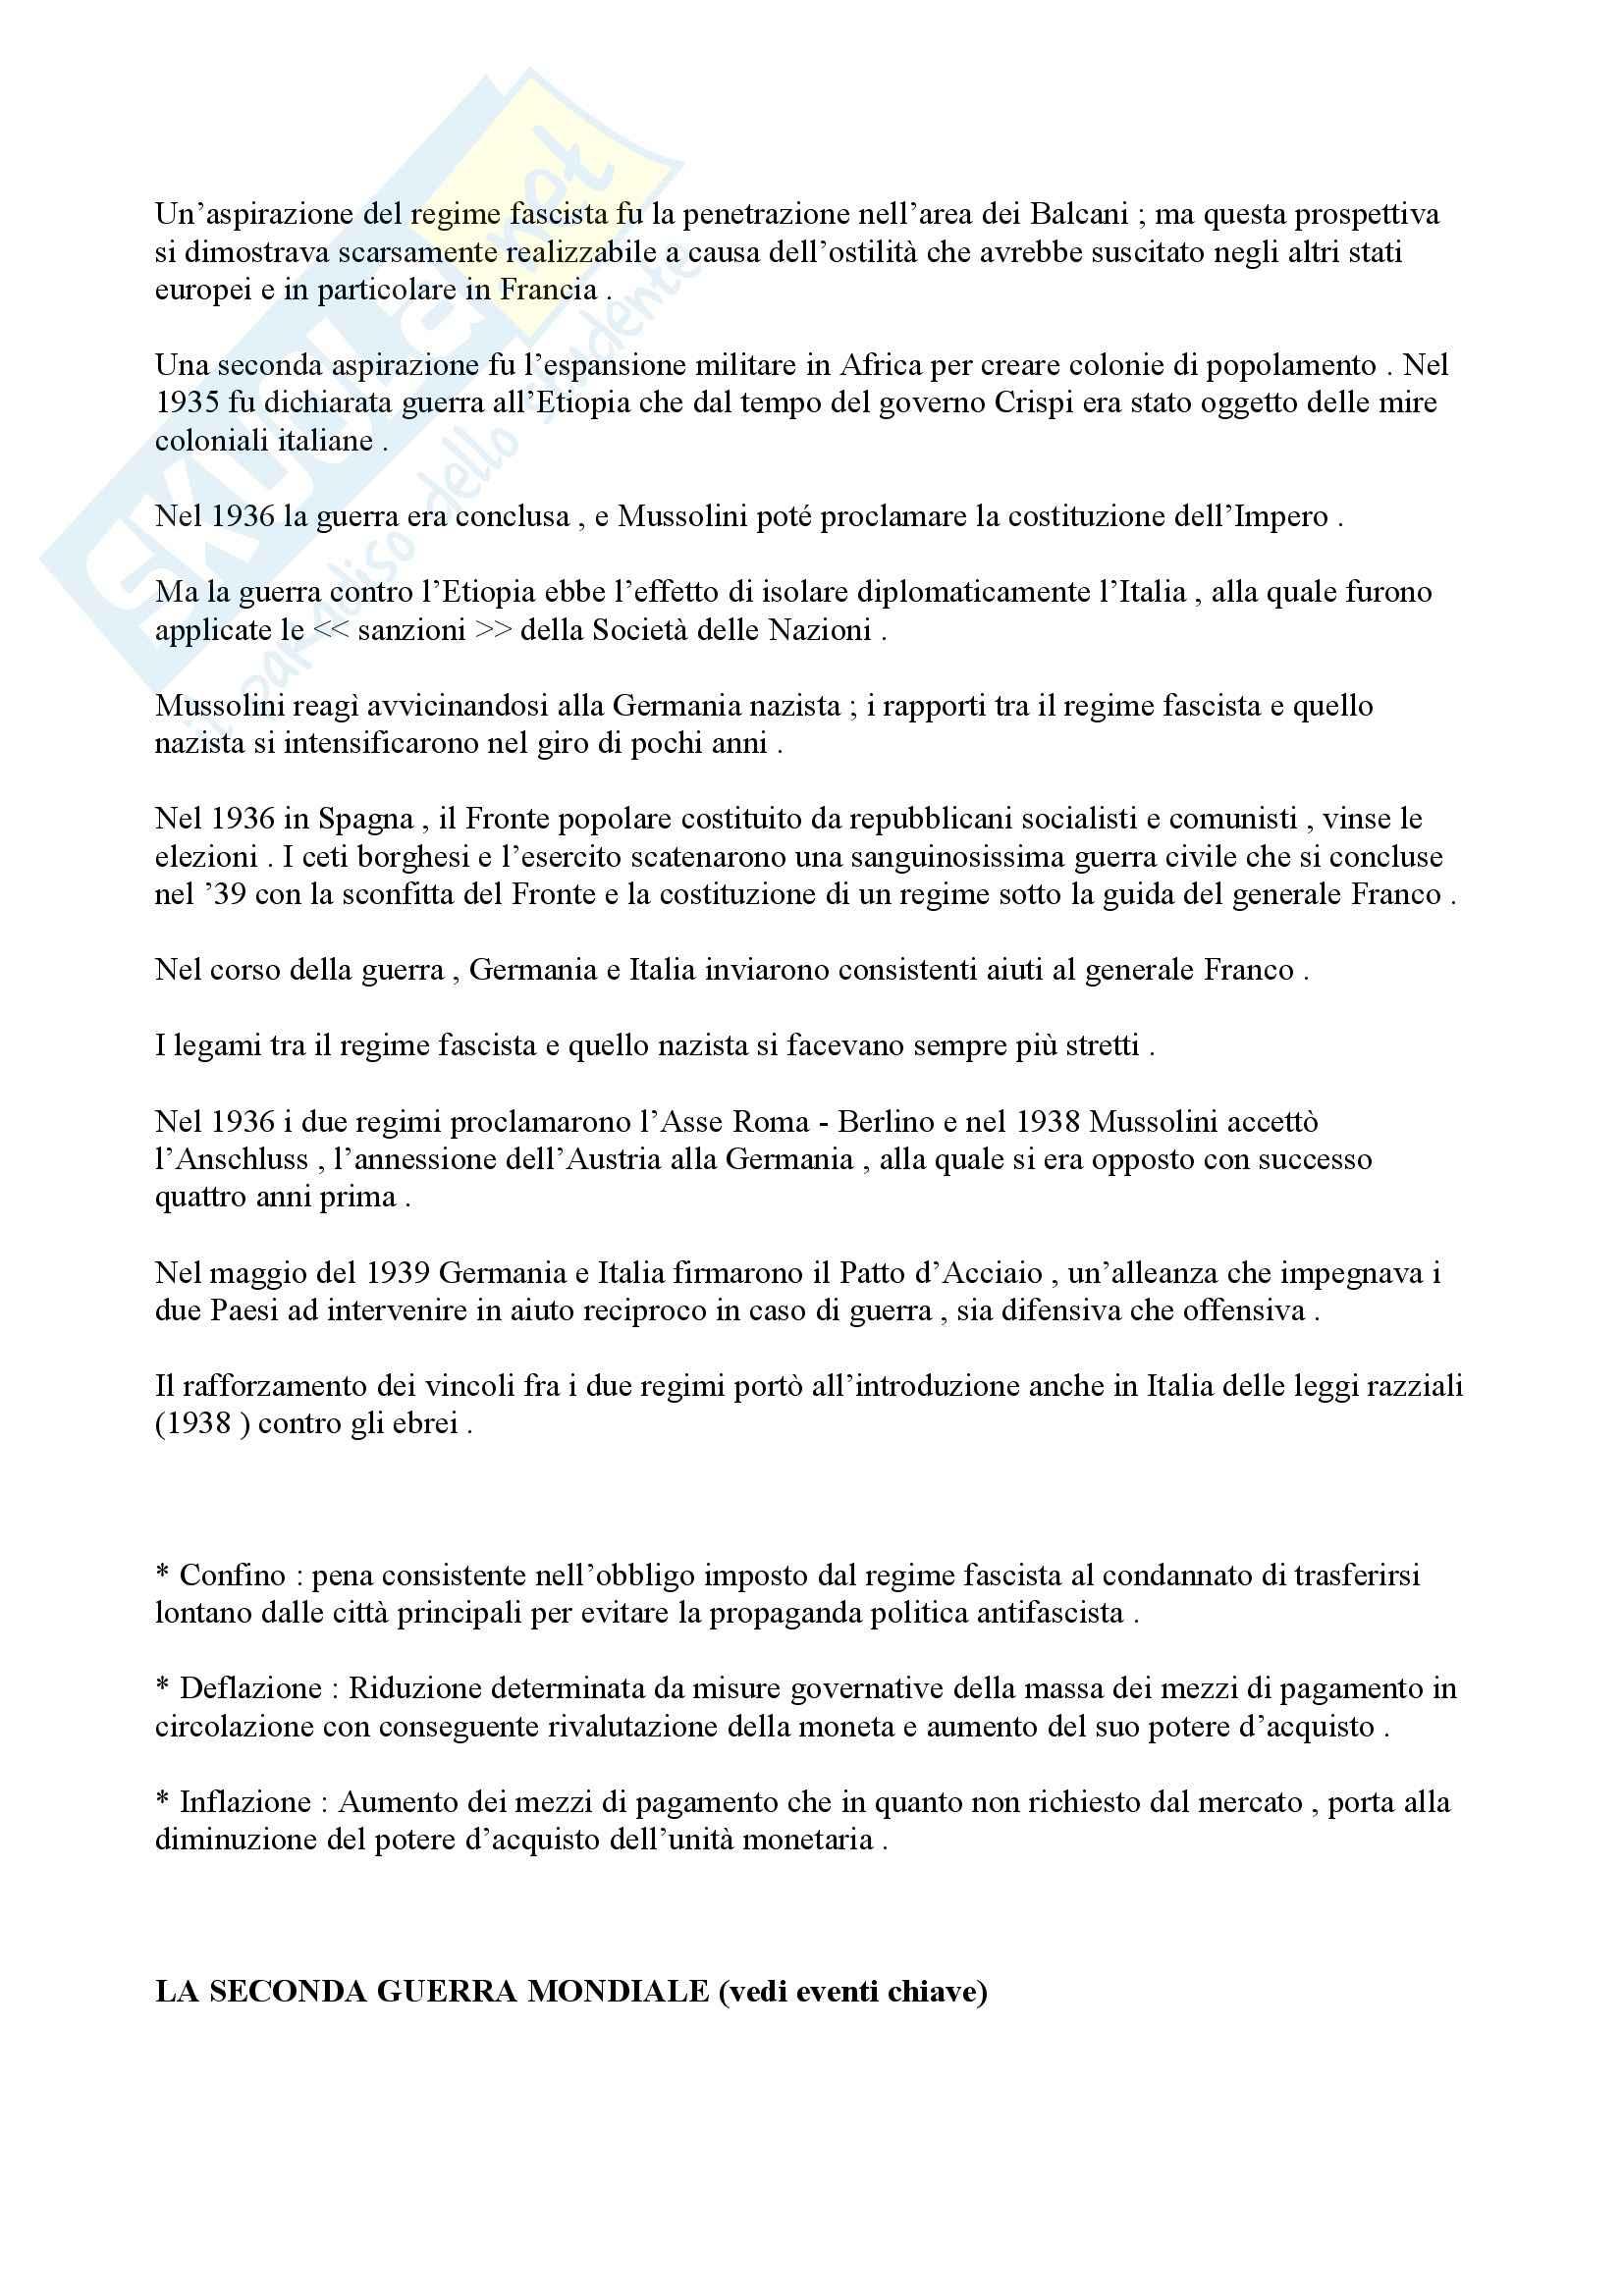 Storia contemporanea - l'unificazione d'Italia Pag. 21